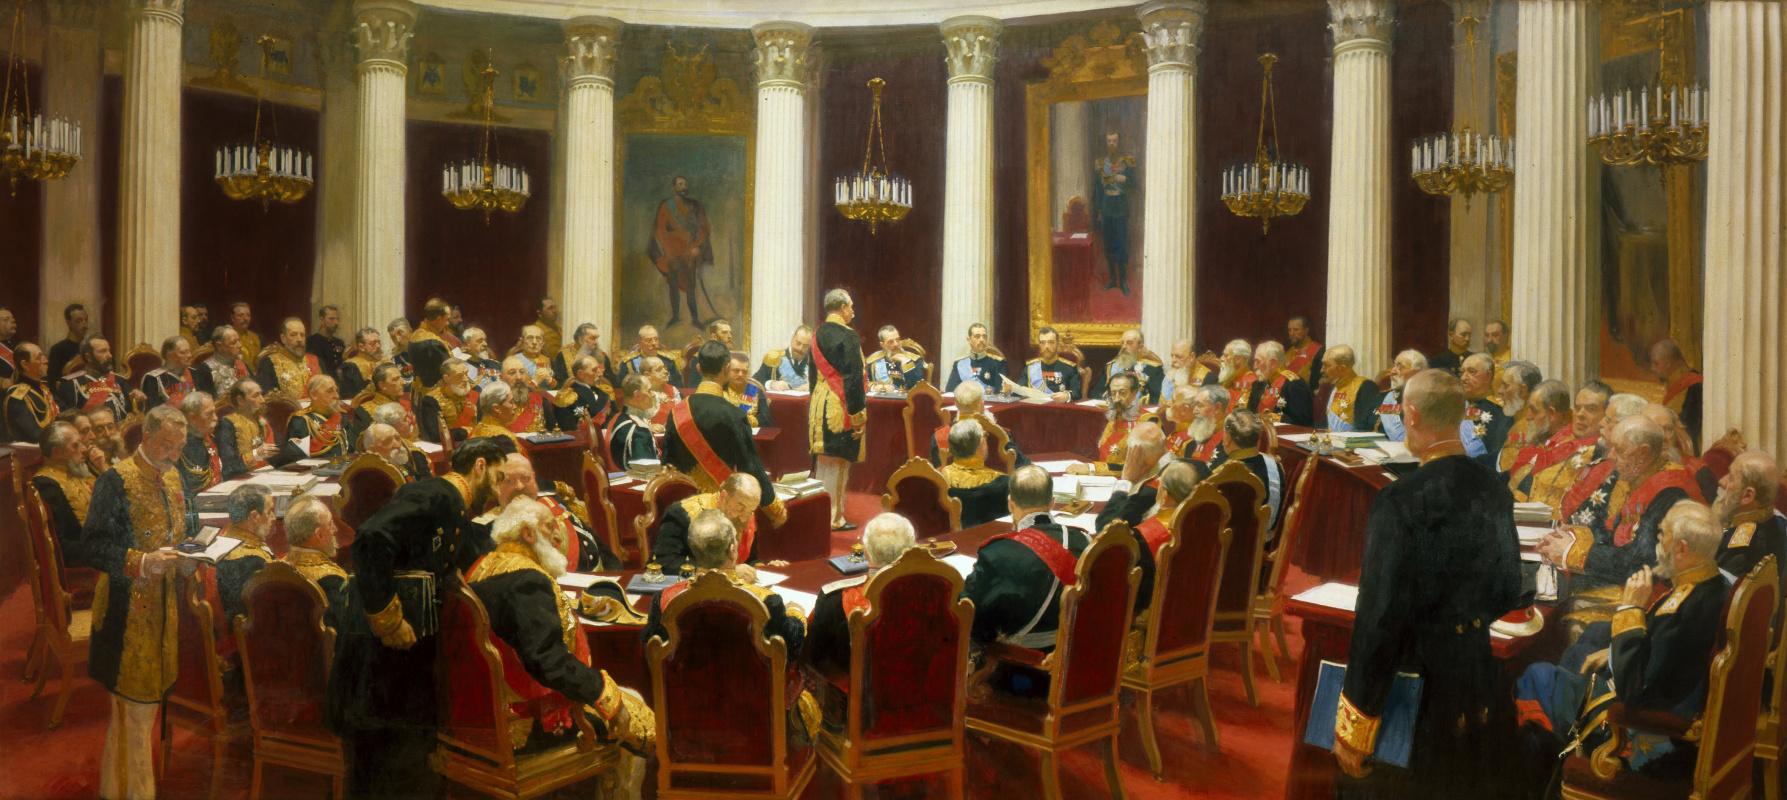 Илья Ефимович Репин. Торжественное заседание Государственного совета 7 мая 1901 года, в день столетнего юбилея со дня его учреждения